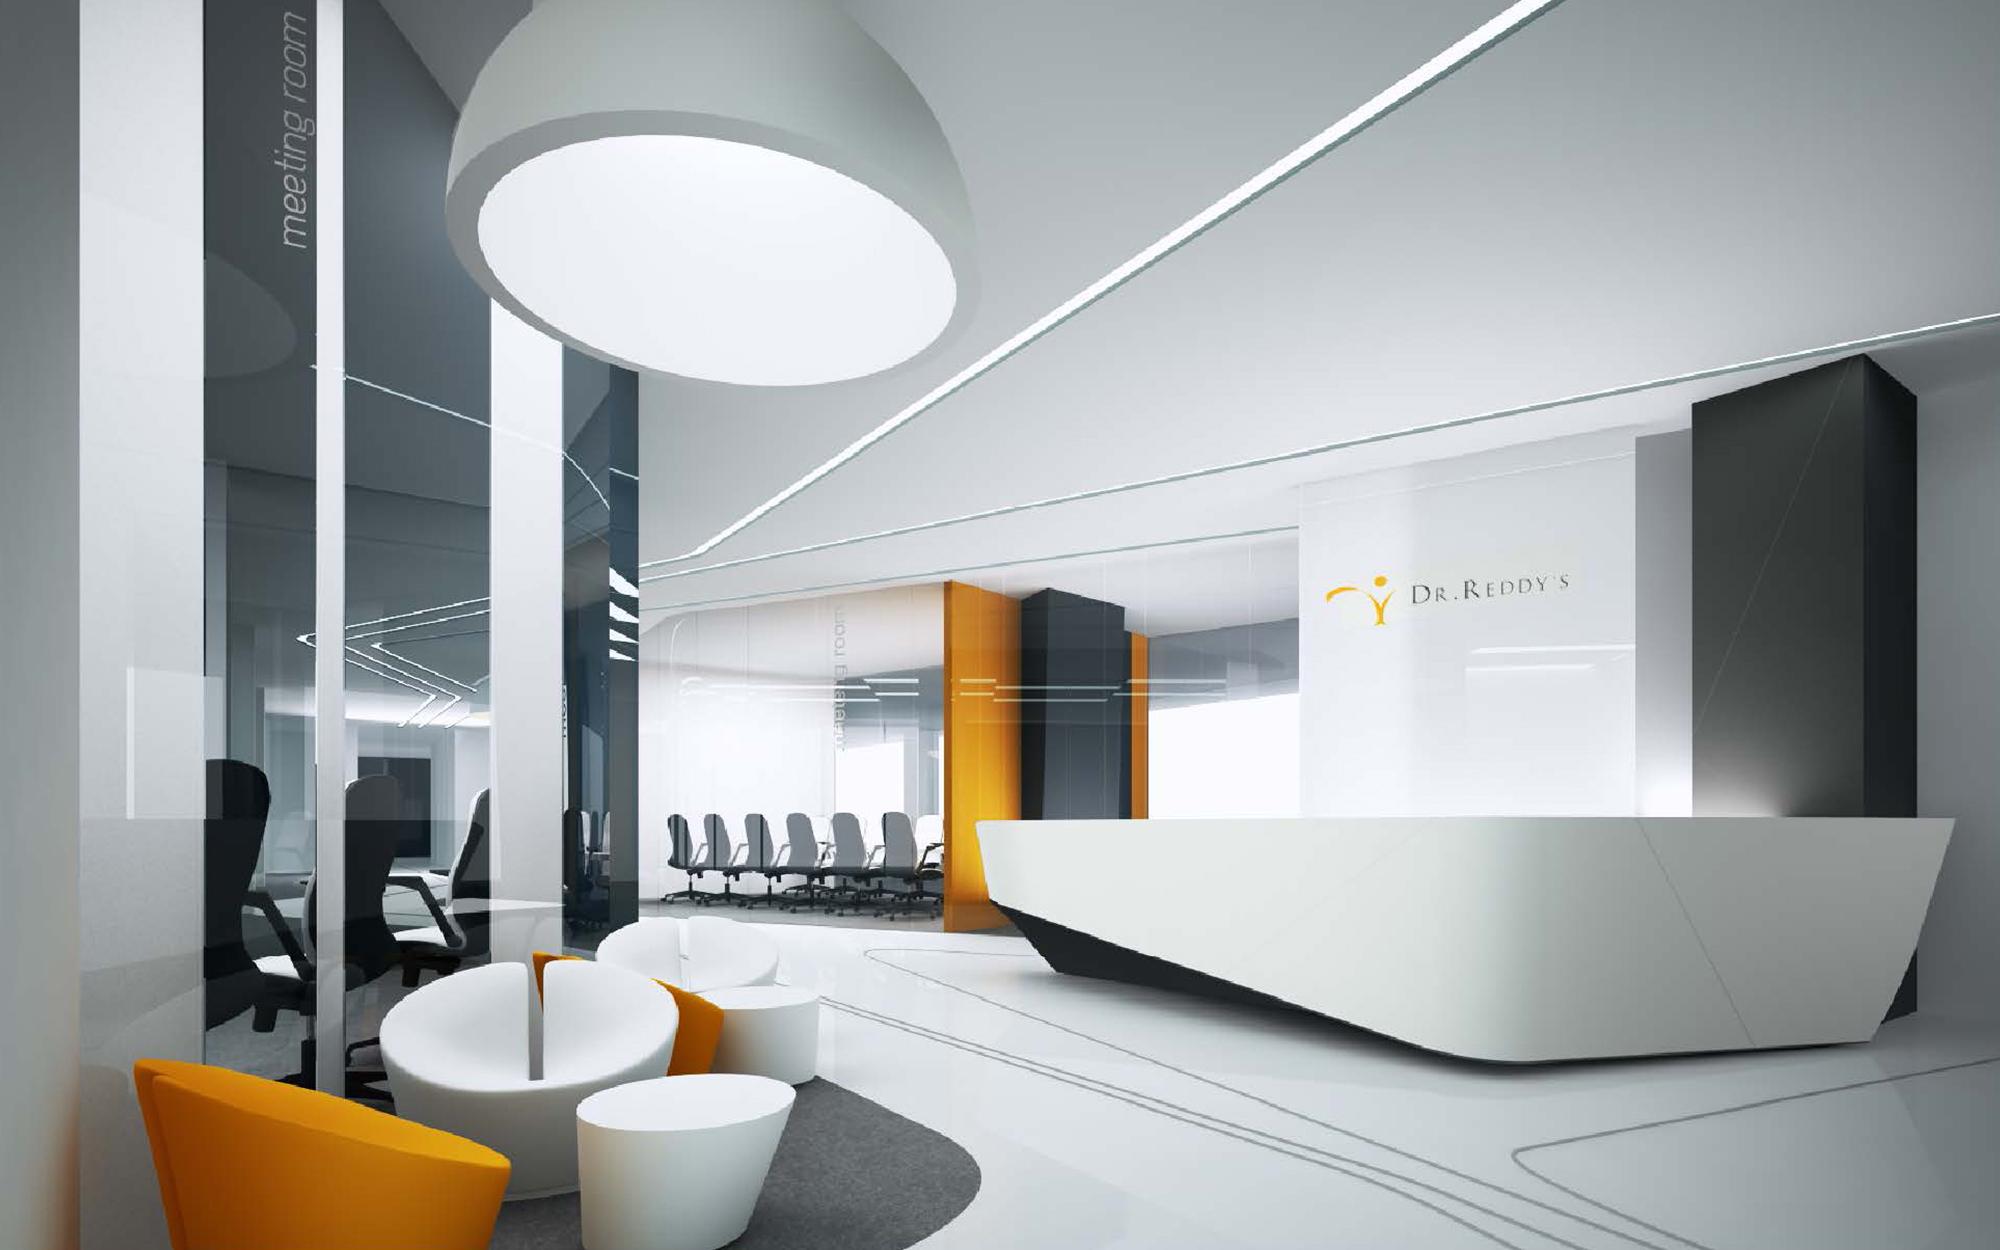 Дизайн интерьера офиса фармацевтической компании